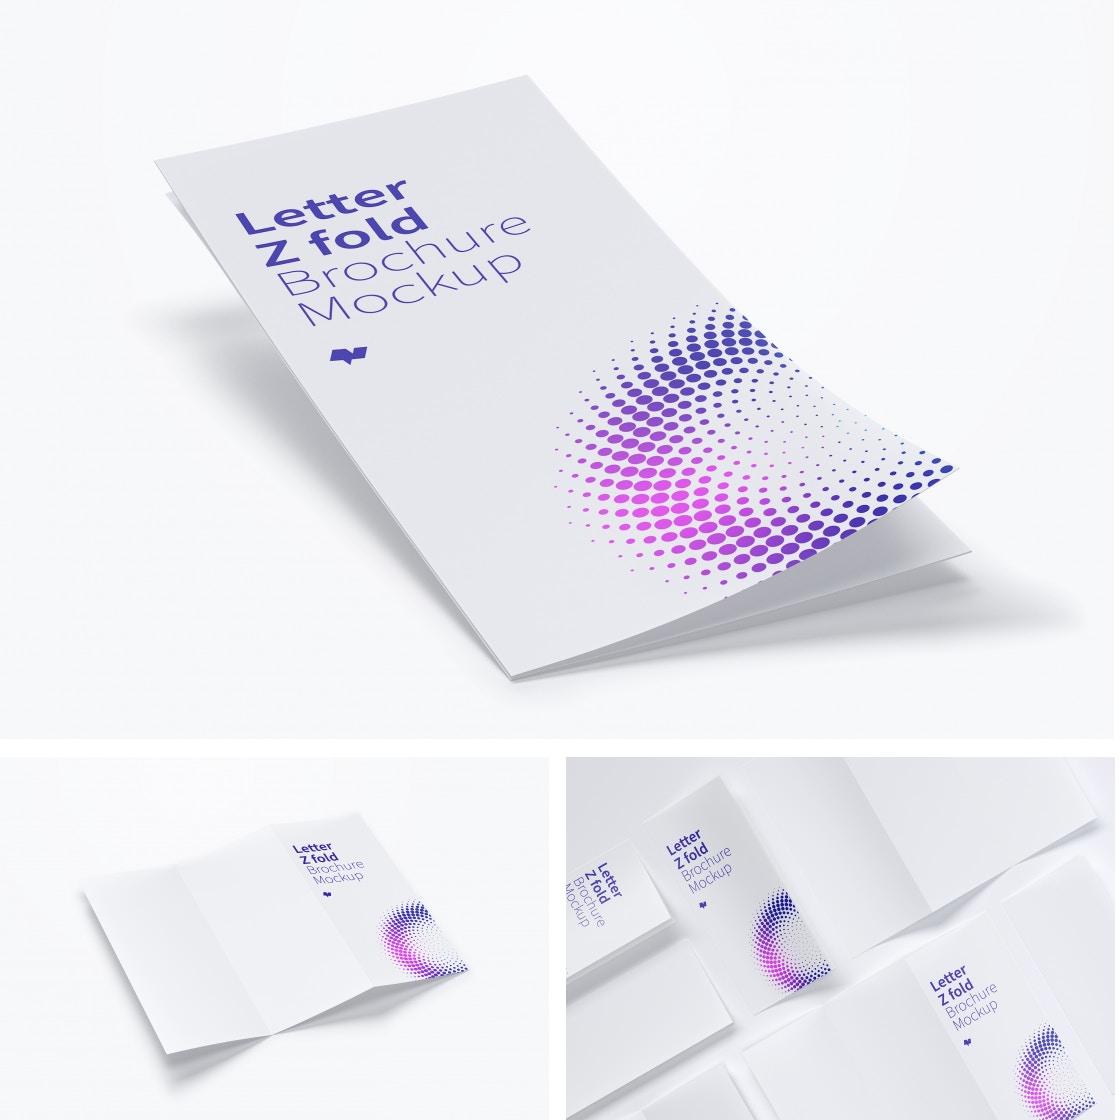 Letter Z Fold Brochure Mockups Poster